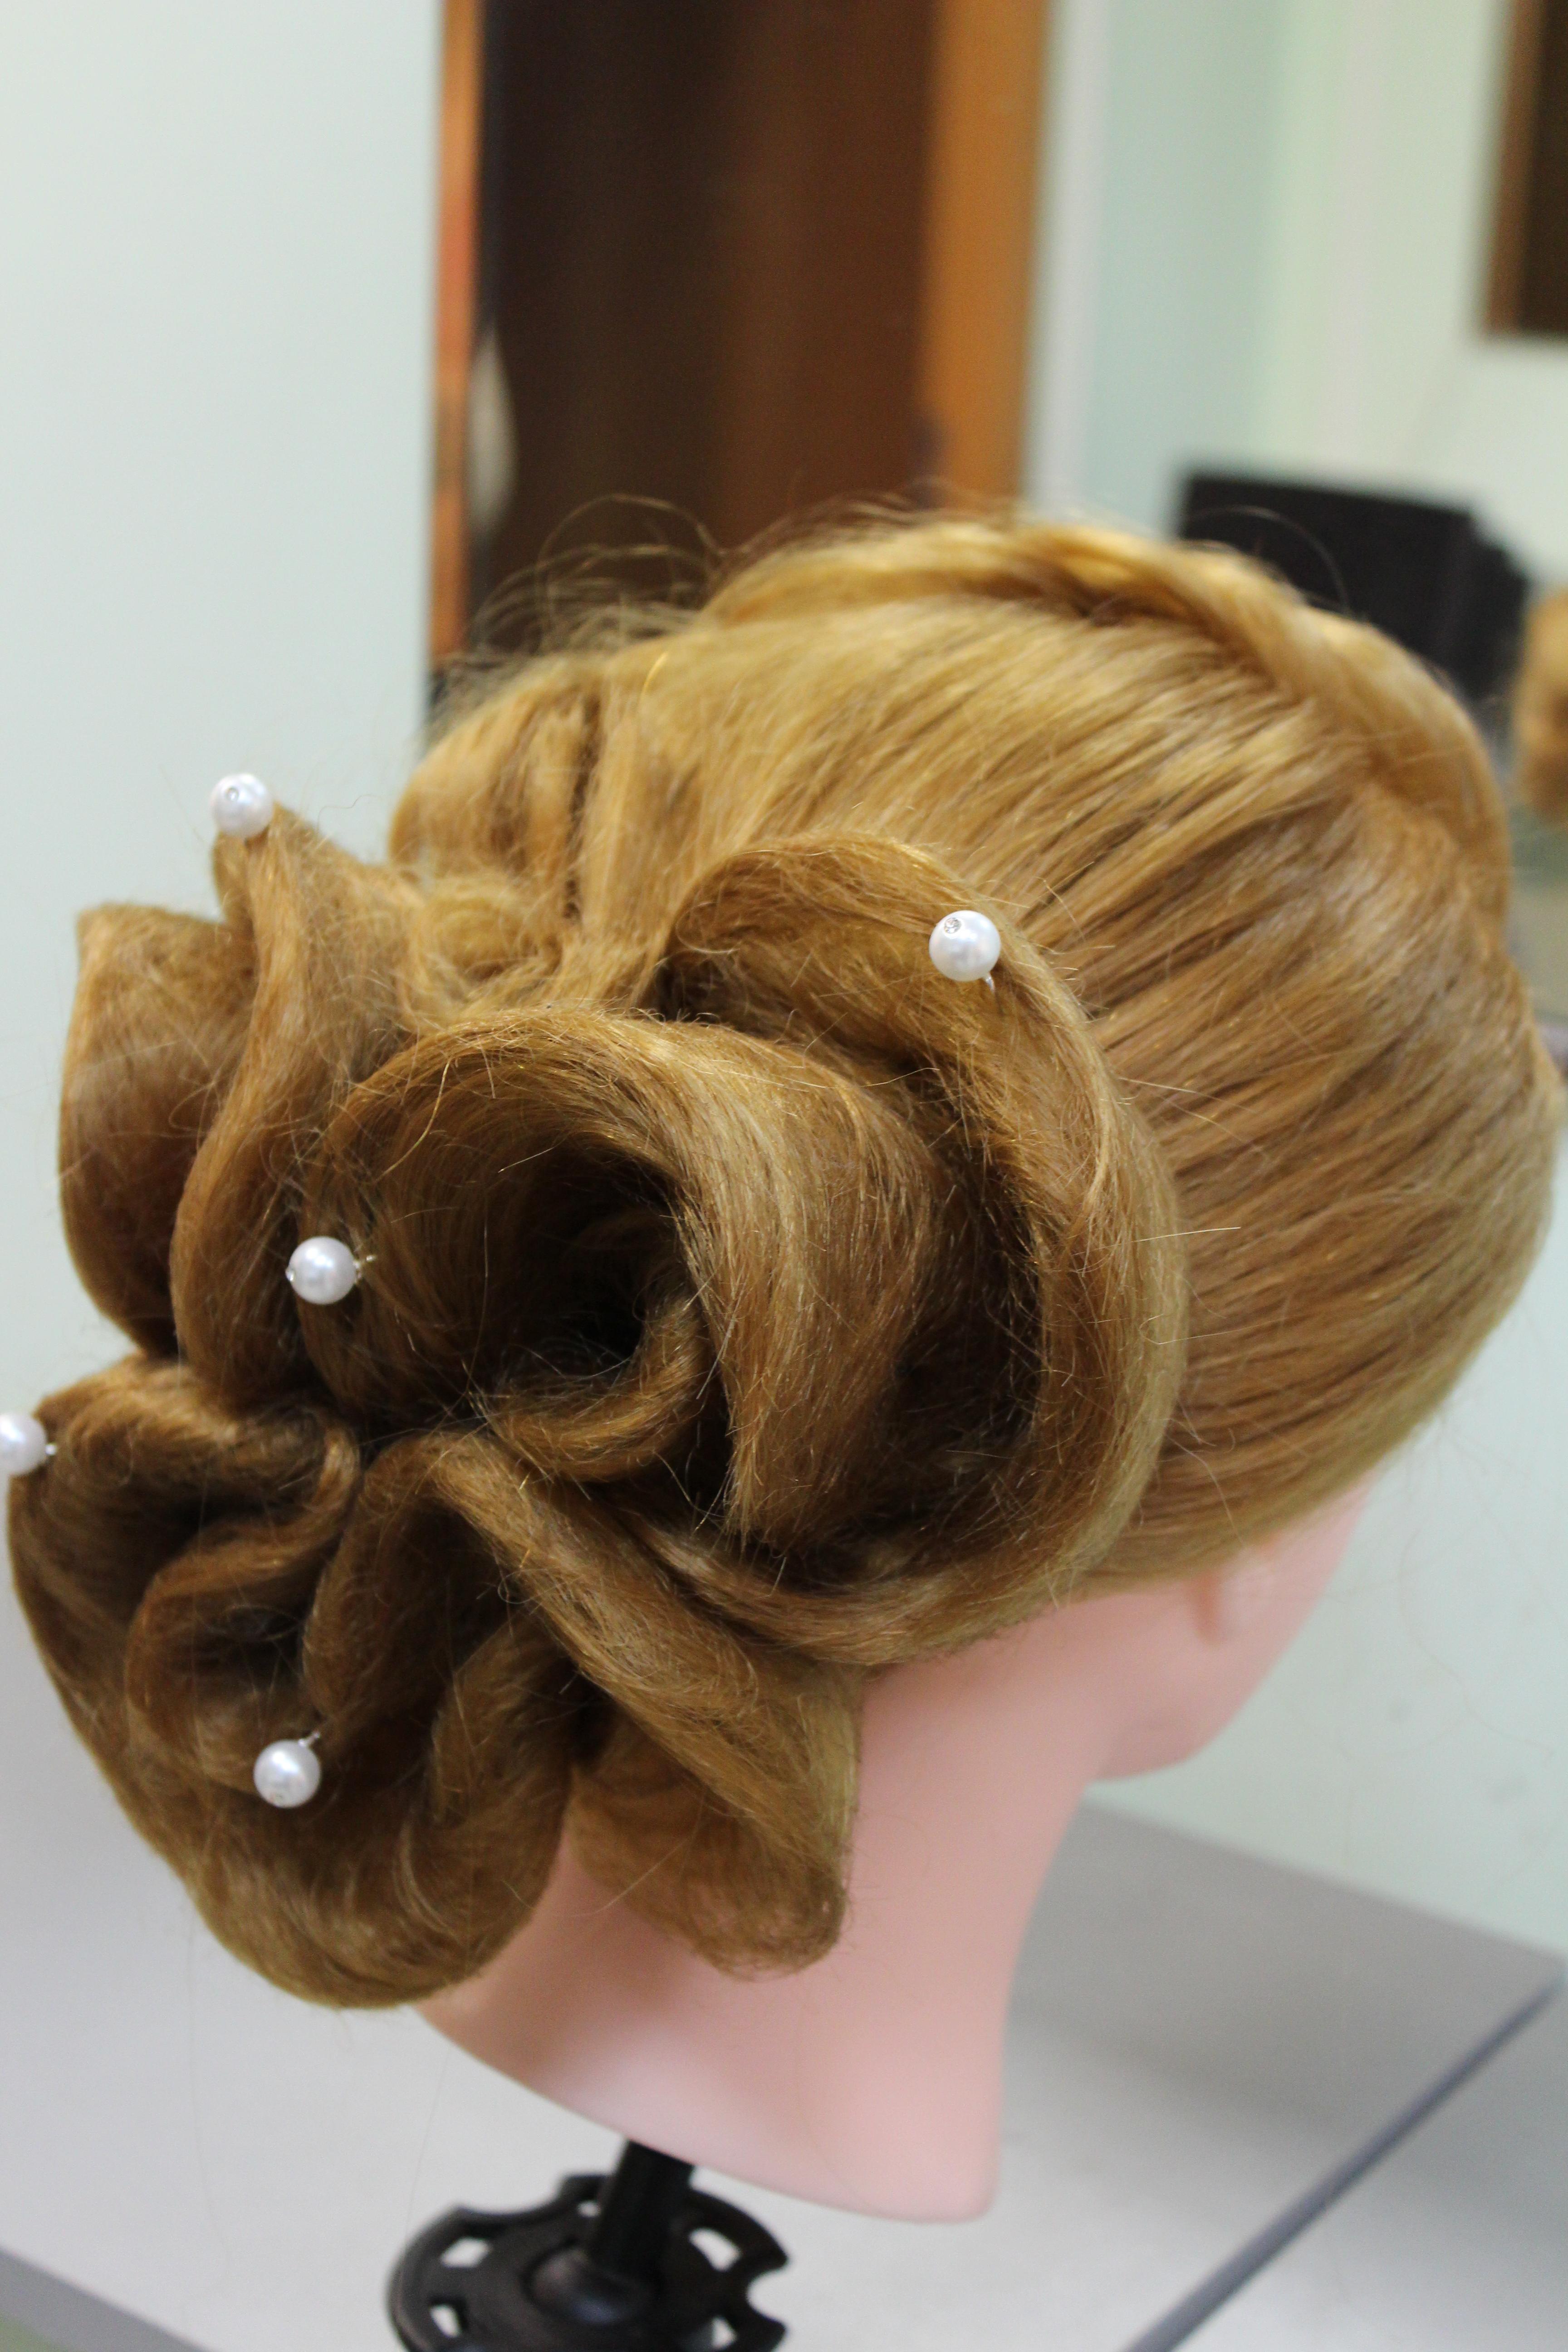 Сбор заказов. Прически, косы красиво, аккуратно и недорого от 300 рублей.